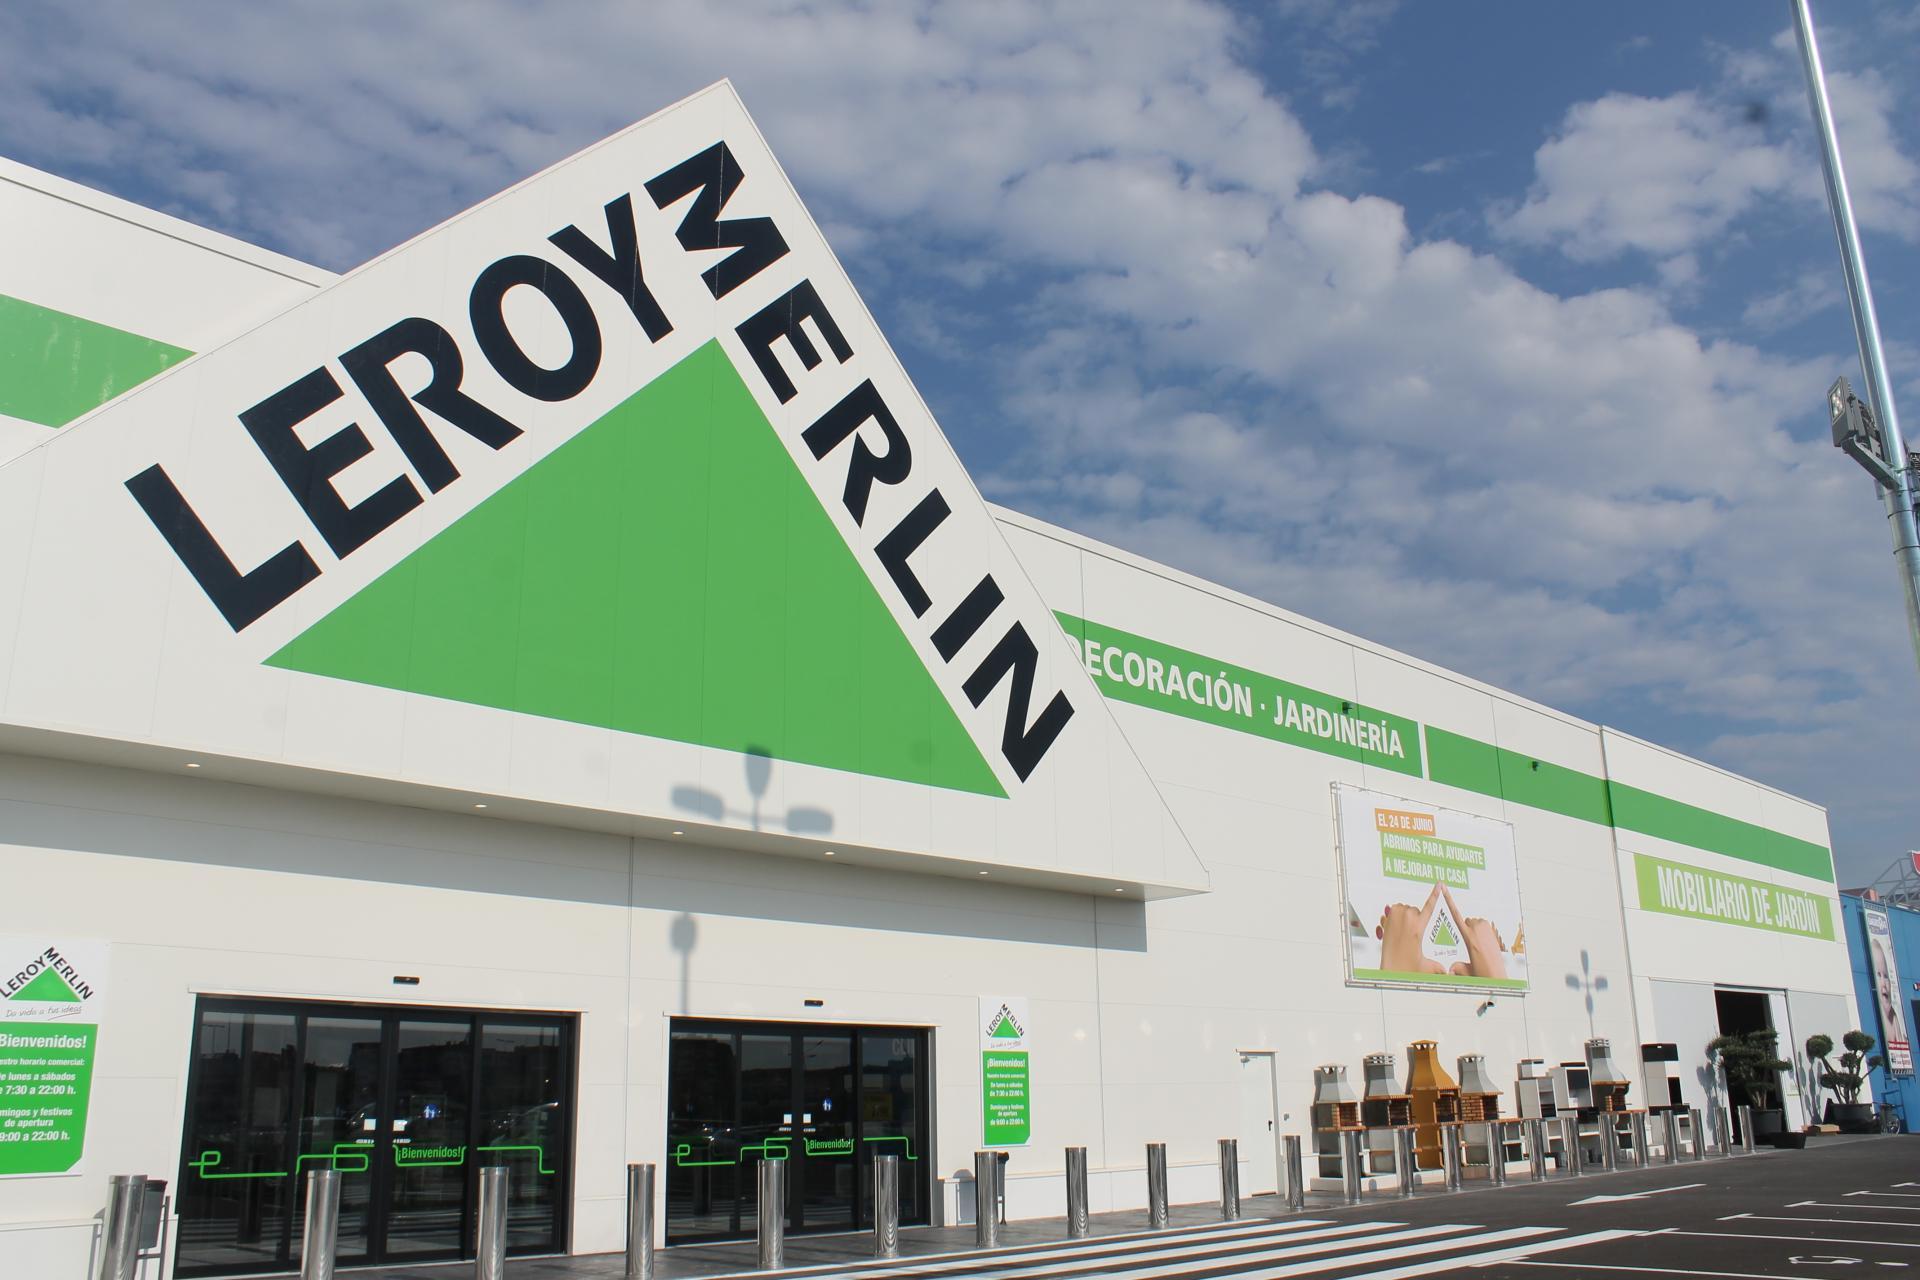 Ofertas De Empleo En Leroy Merlin - Curralia Empleo pour Leroy Merlin Tenerife